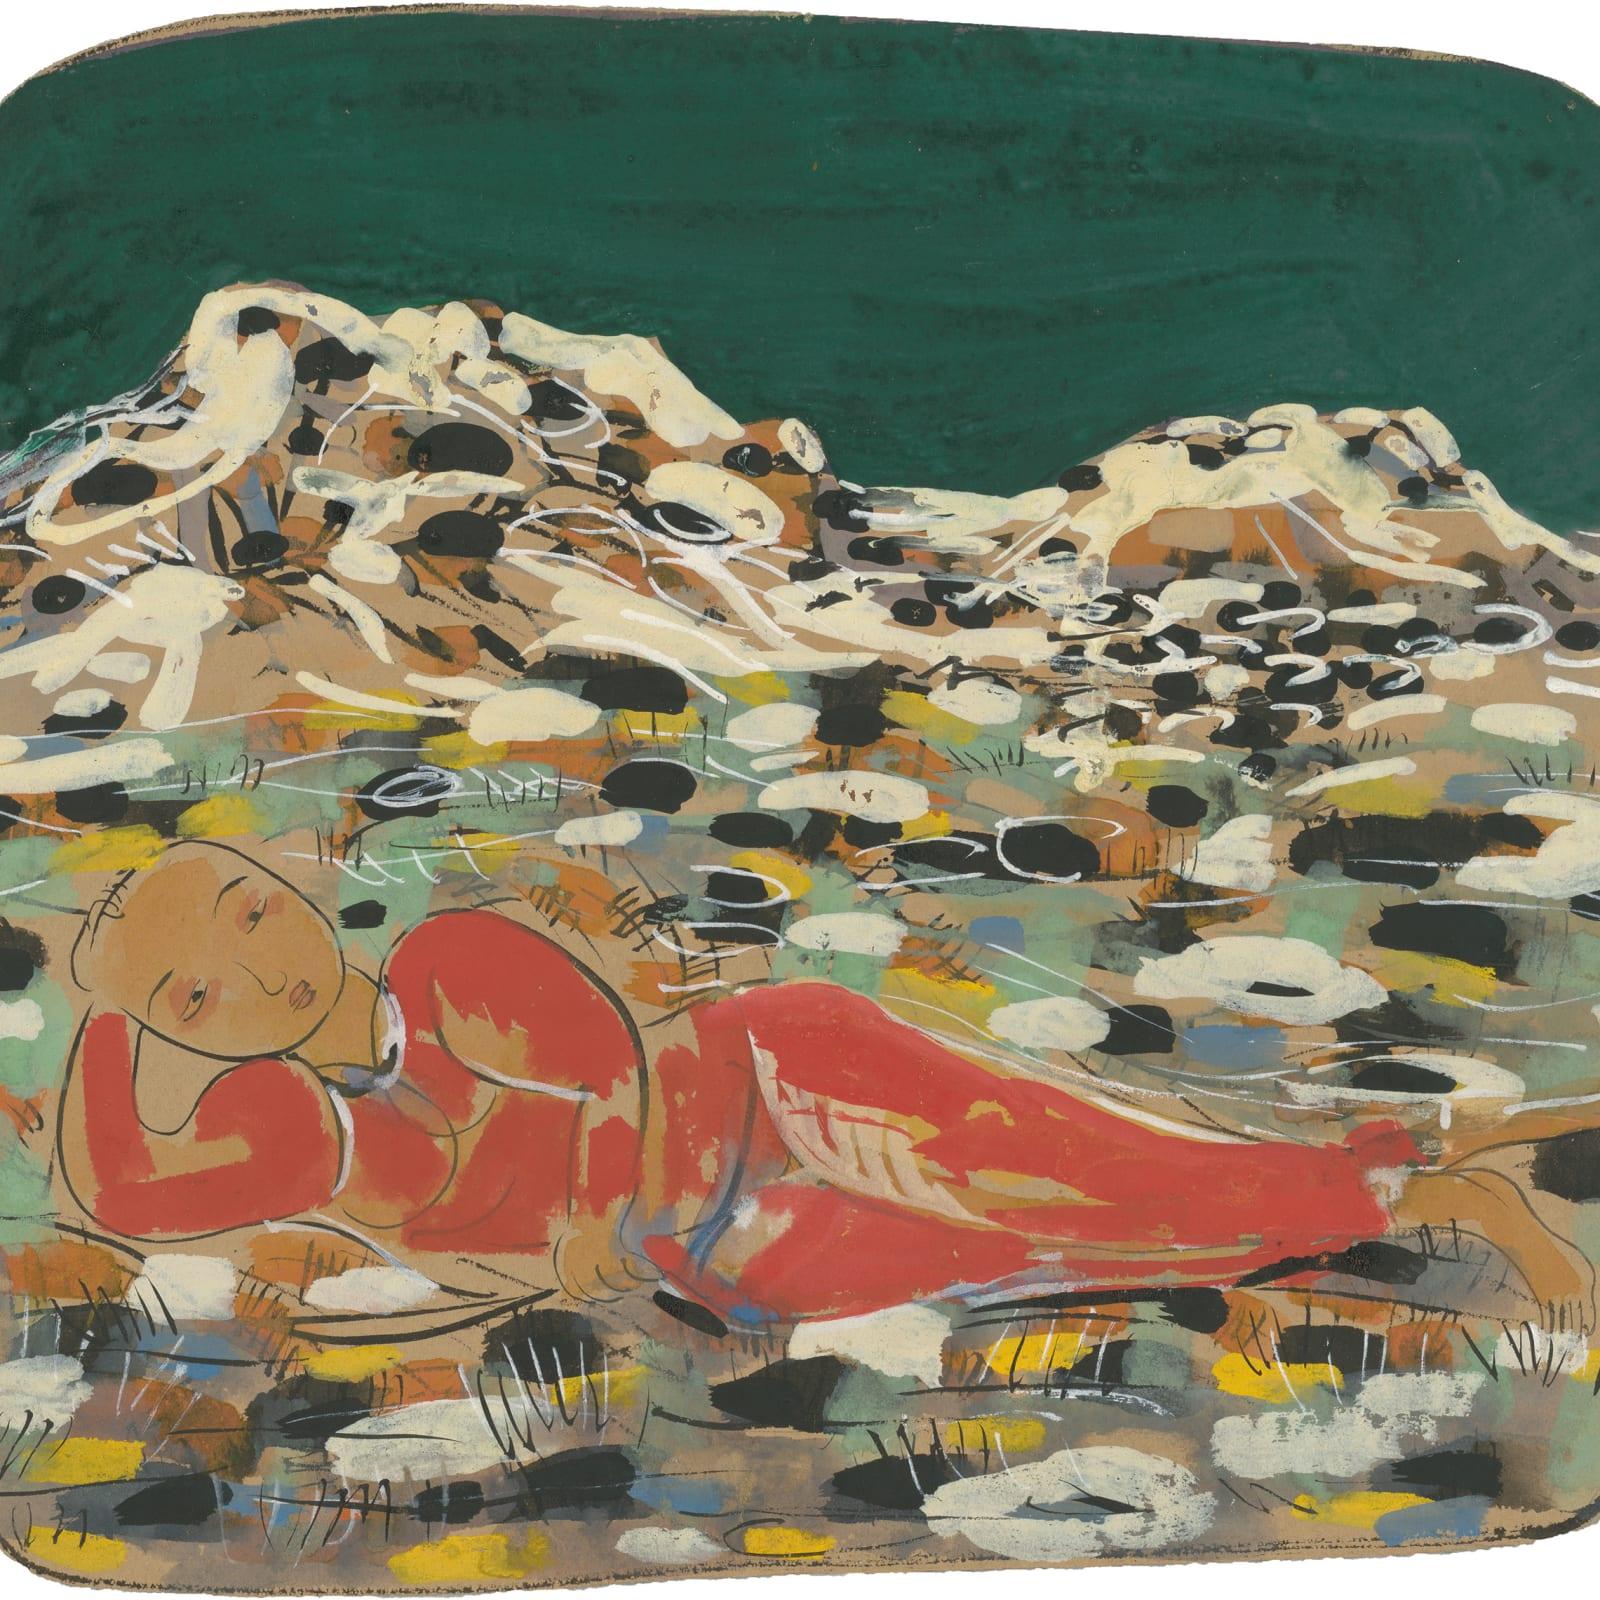 Li Jin 李津, Winter in Lhasa 拉萨的冬天, 1993